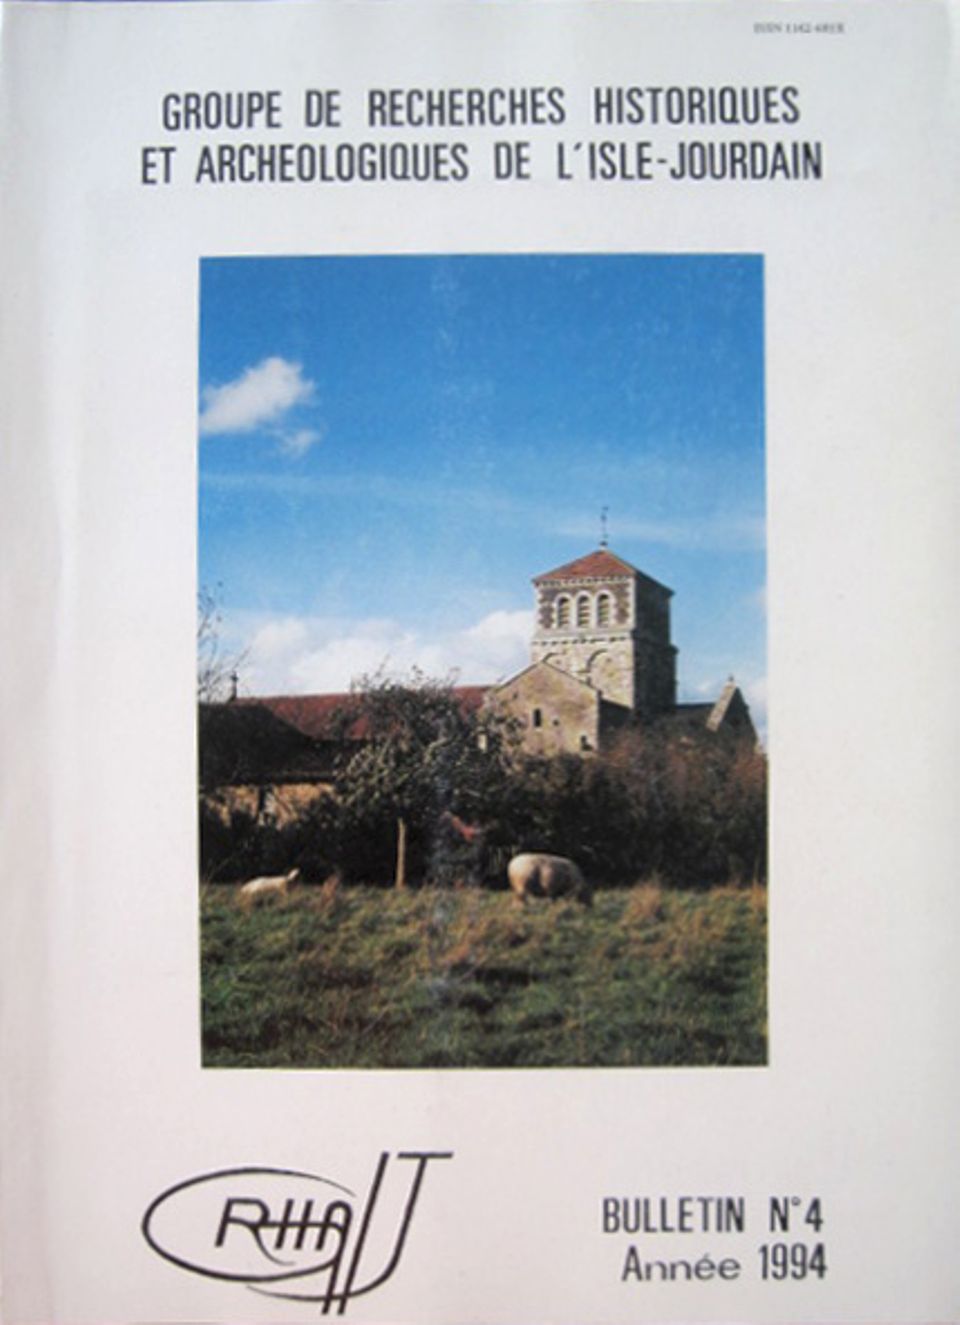 Bulletin du GRHAIJ, Bulletin n°4 - 1994,